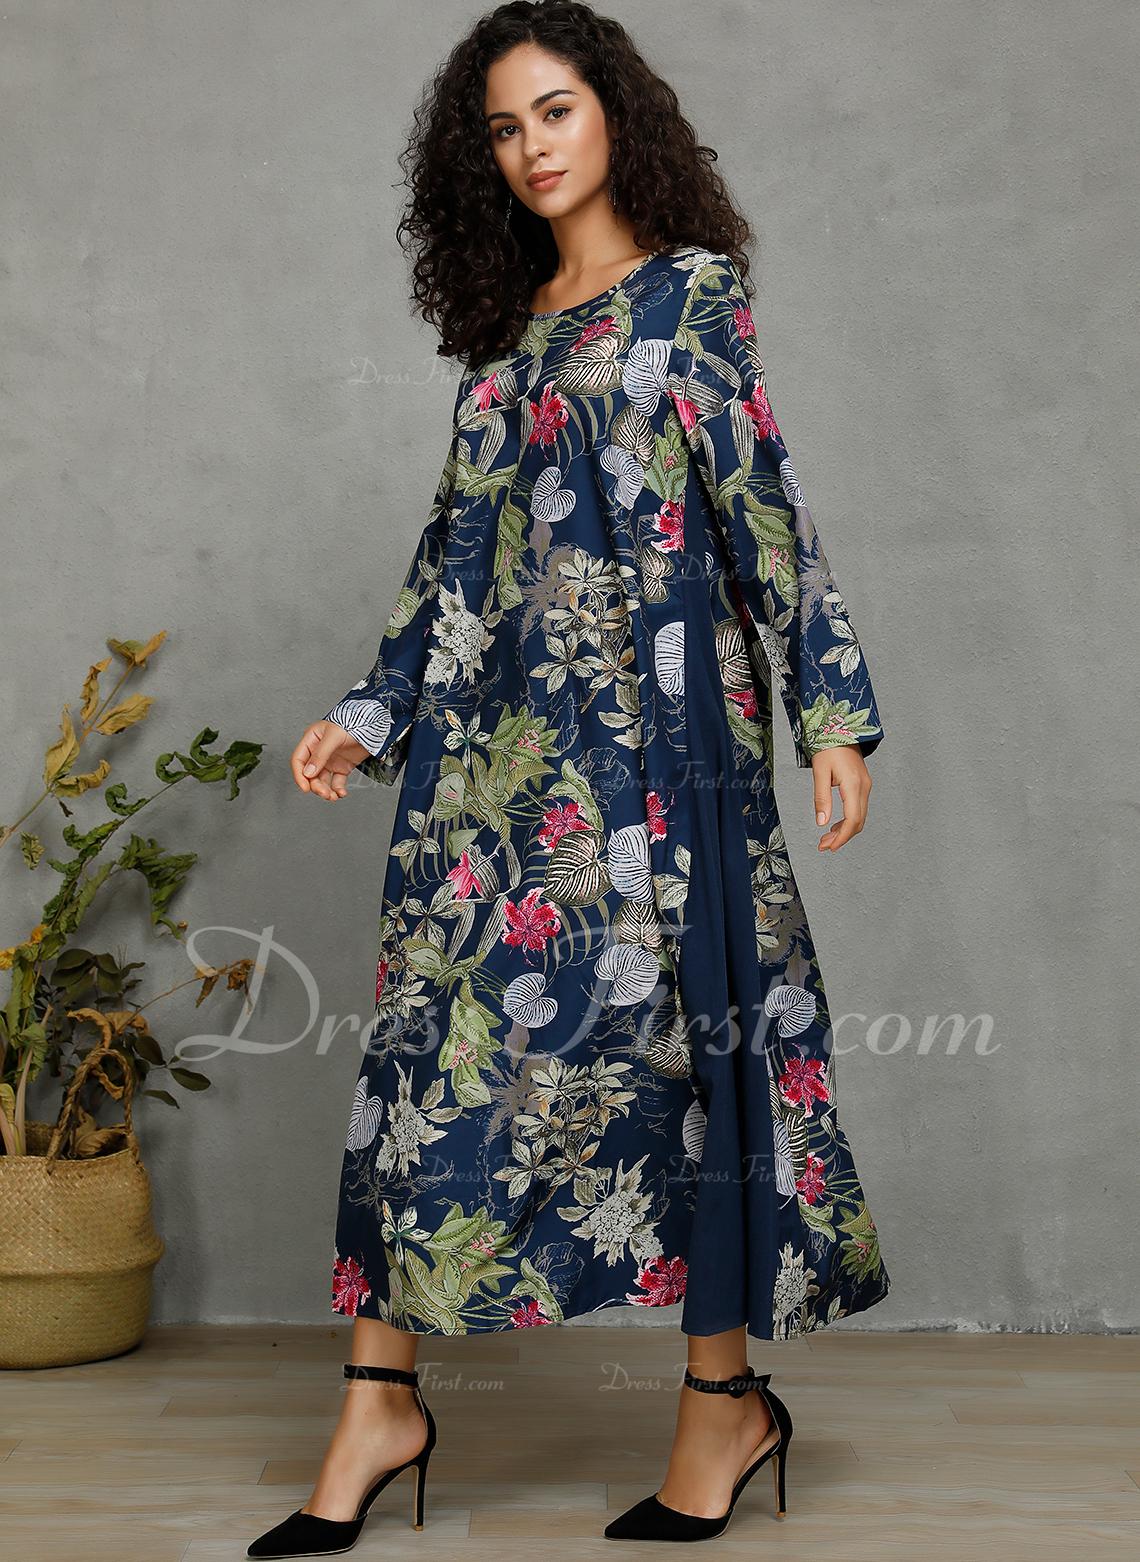 Blomster Print Skiftekjoler 3/4 ærmer Maxi Casual Mode kjoler